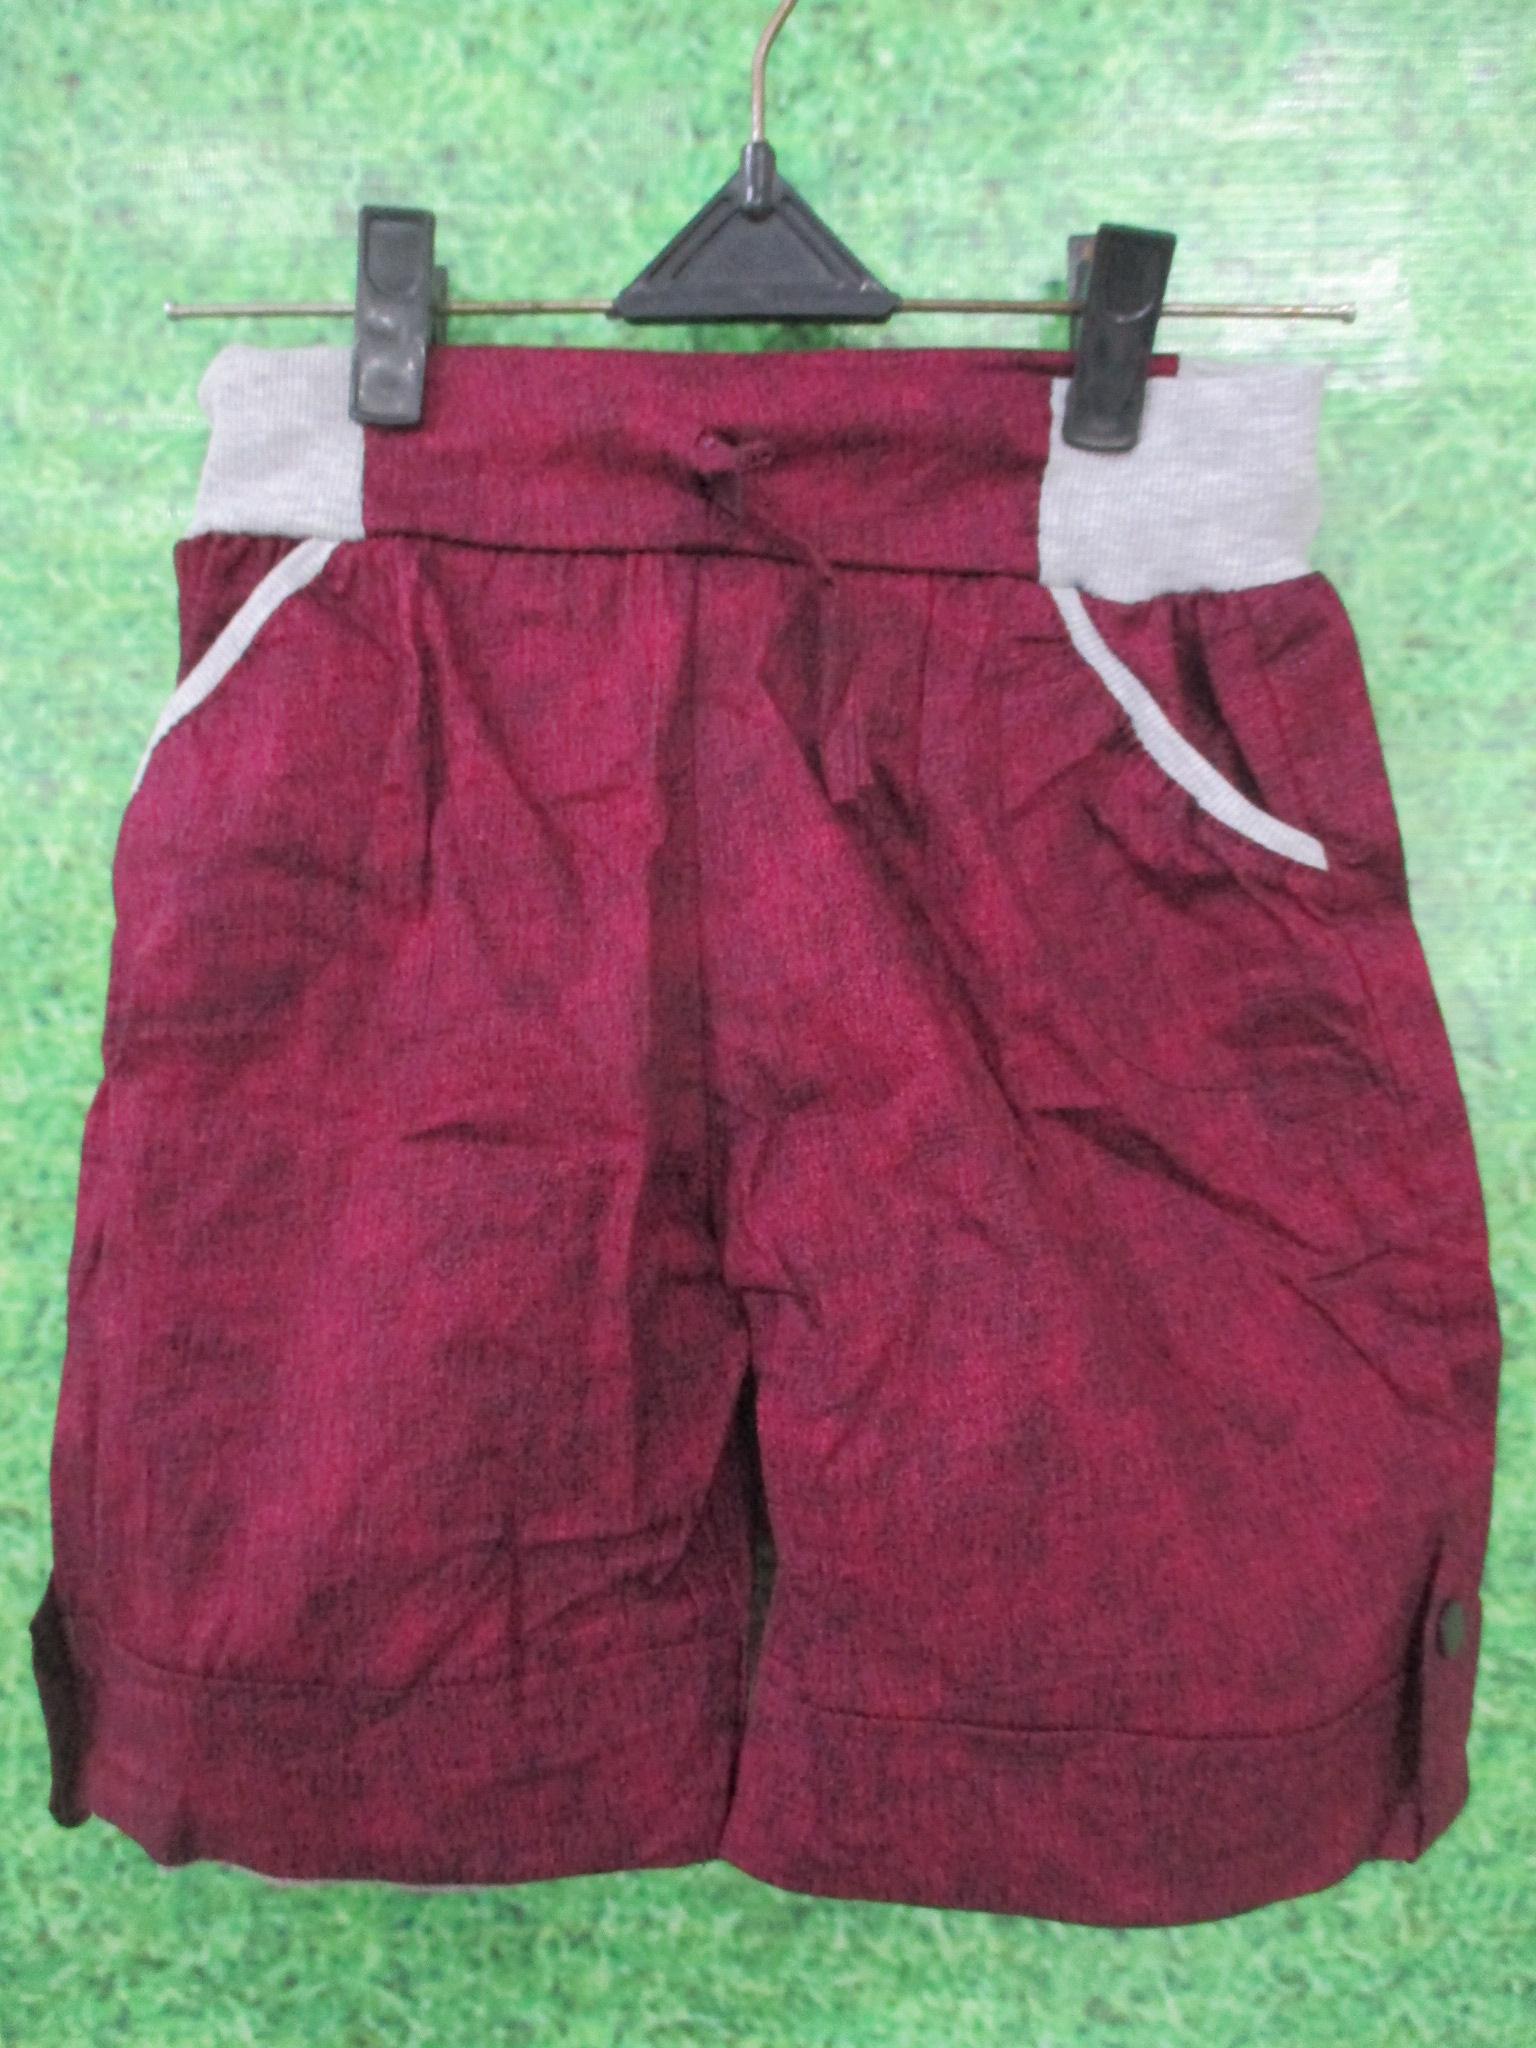 ObralanBaju.com Obral Baju Pakaian Murah Meriah 5000 Celana Hotpants Abg